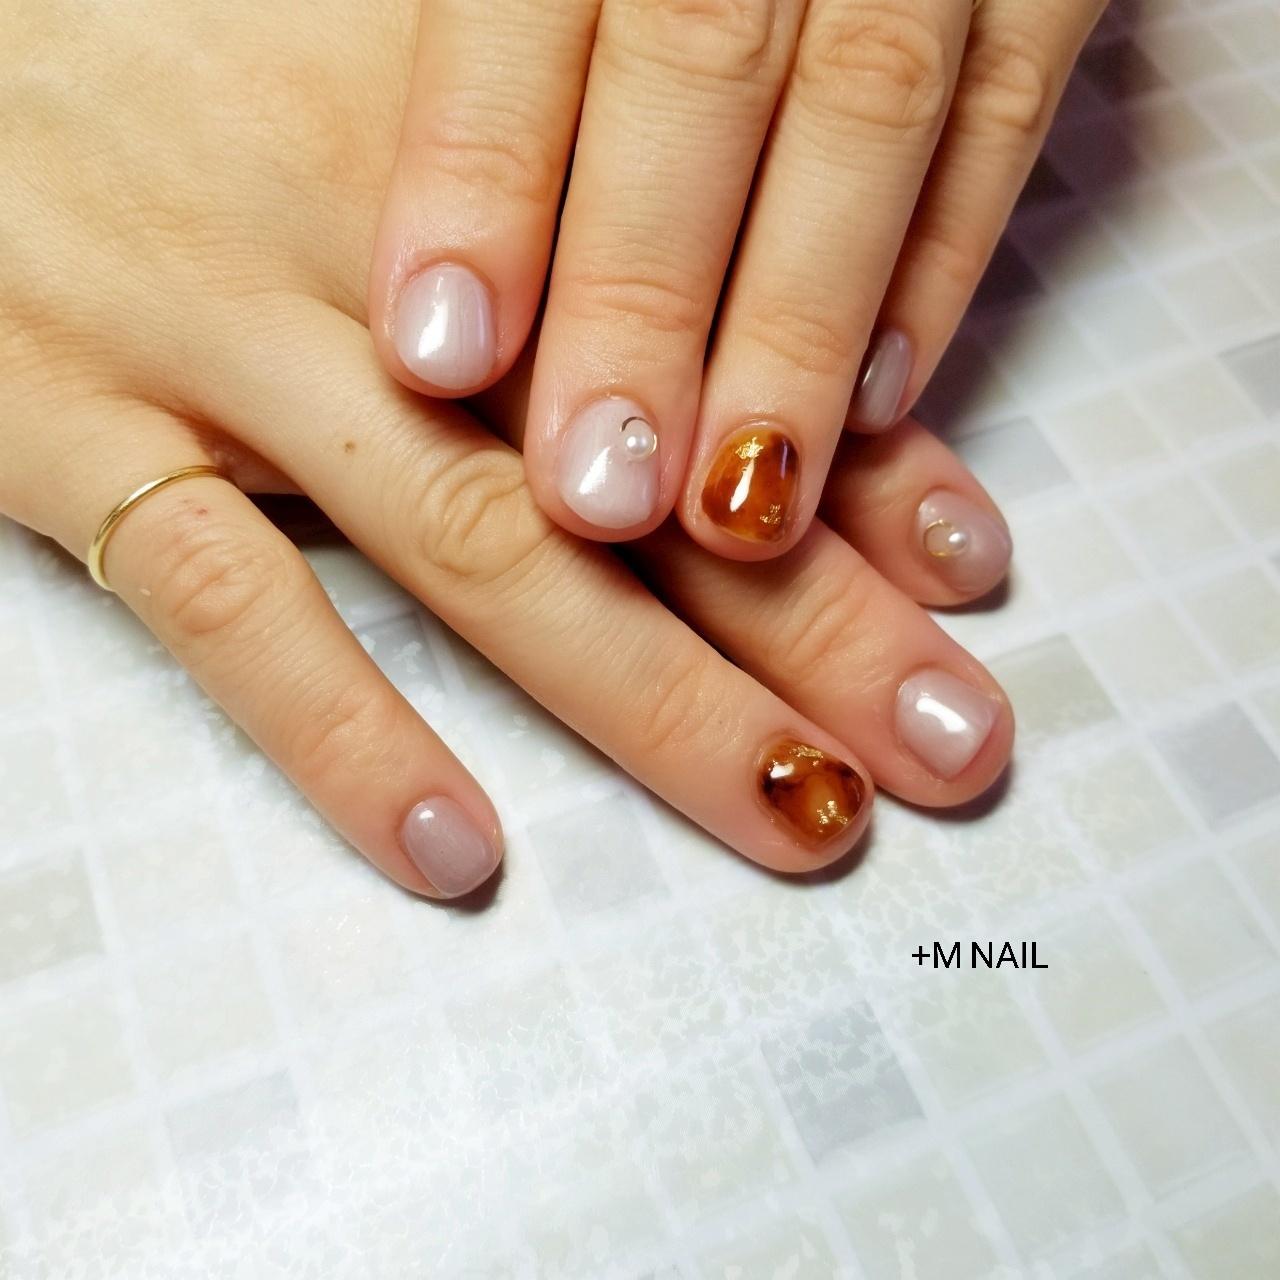 #nails #ジェル #ジェルネイル #ネイル #ネイルサロン #ネイルデザイン #ハンド #上品ネイル #大人ネイル #大人可愛い #べっ甲ネイル #パール